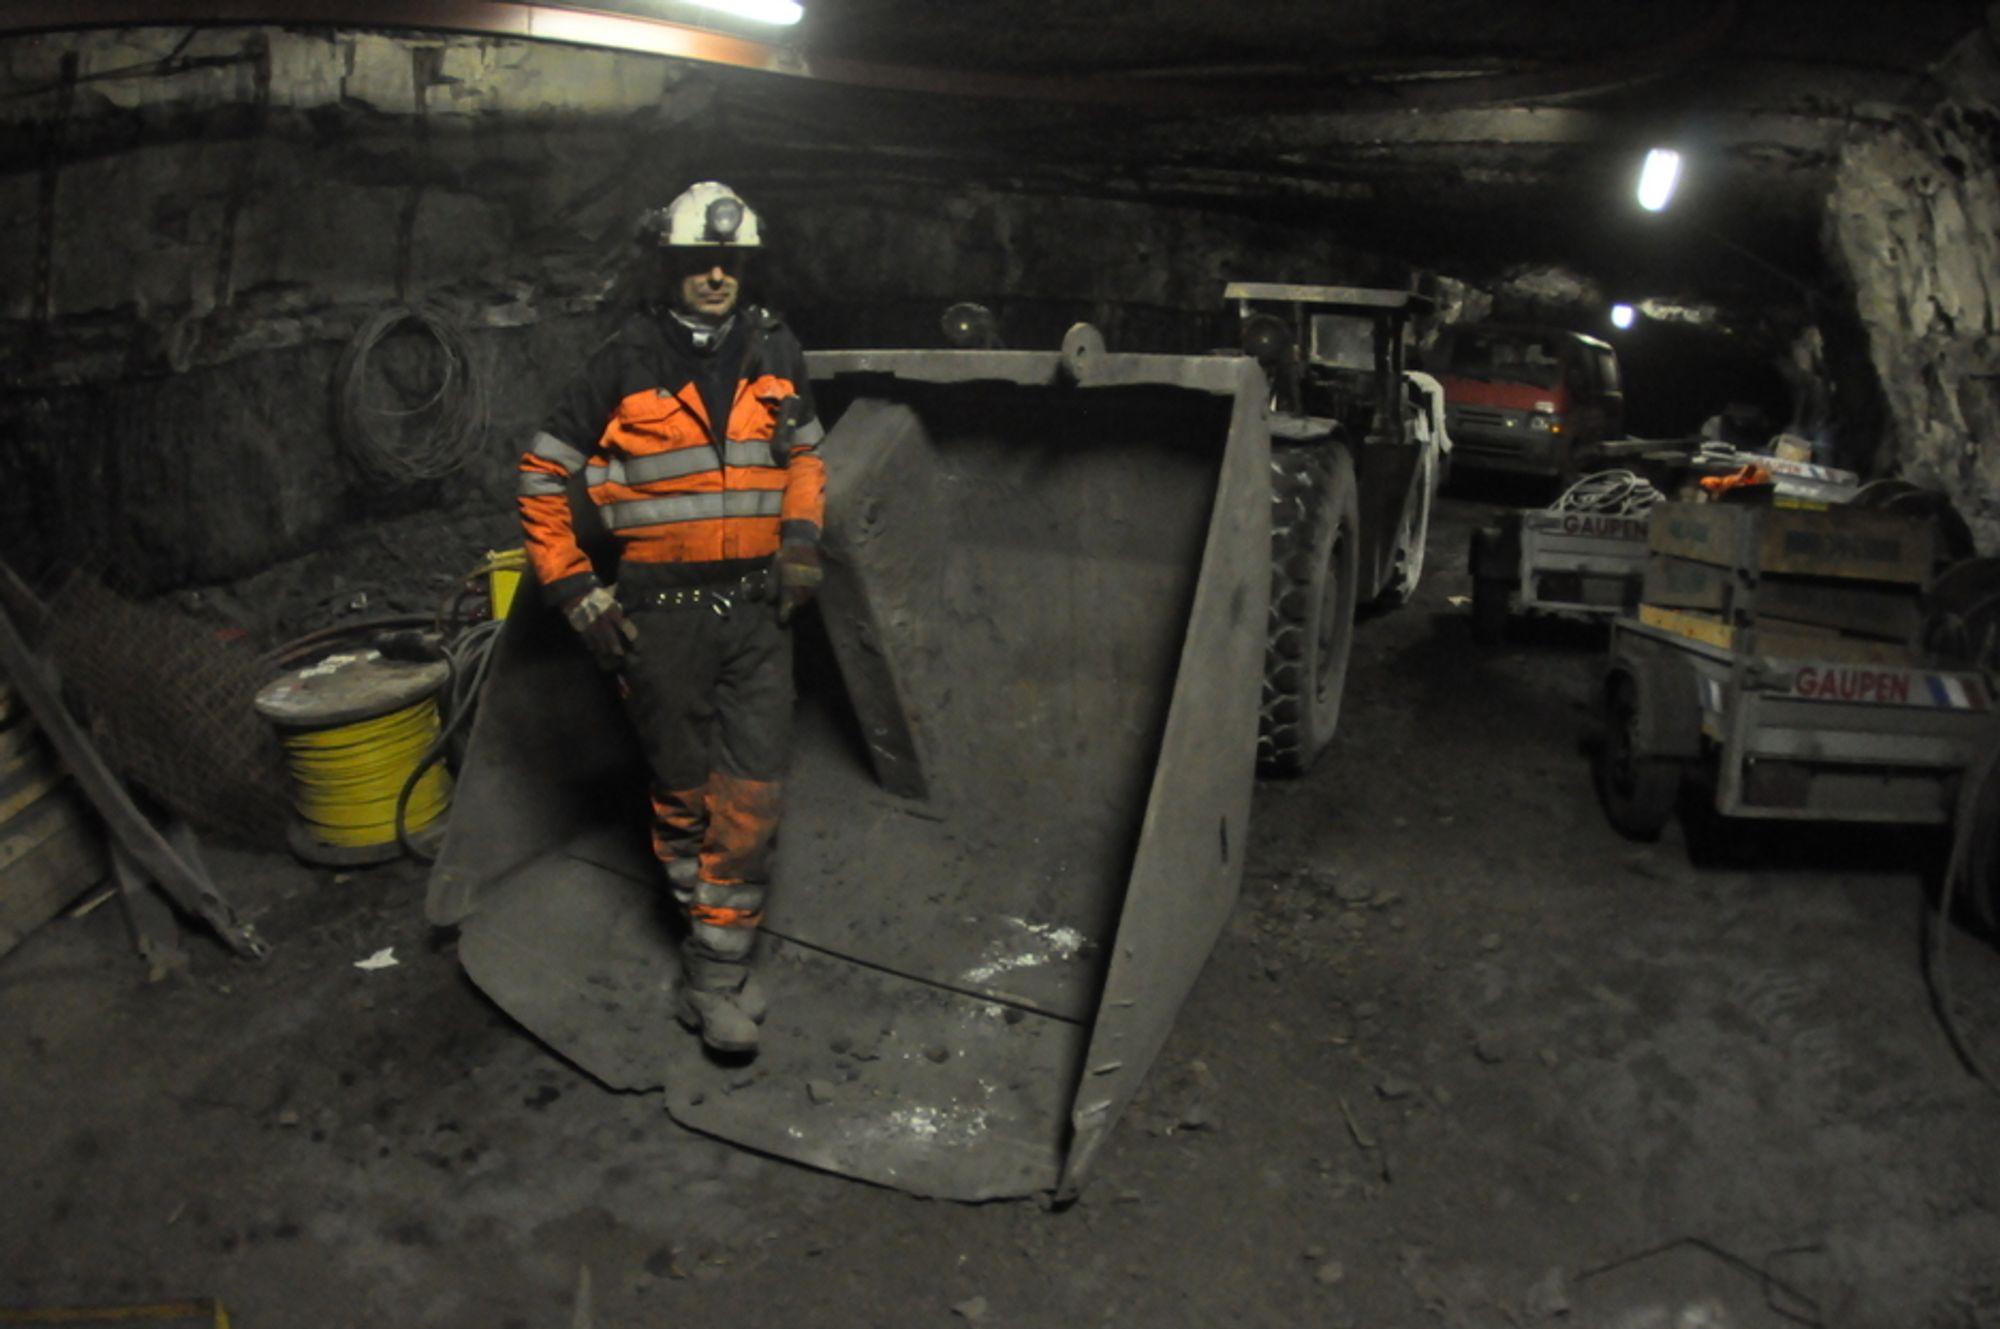 KULLDRIFT: Regjerningen har ennå ikke gitt klarsignal for gruvedrift i Lunckefjellet. Bildet er fra Gruve 7, der Håvard Dyrkolbotn er gruvesjef.